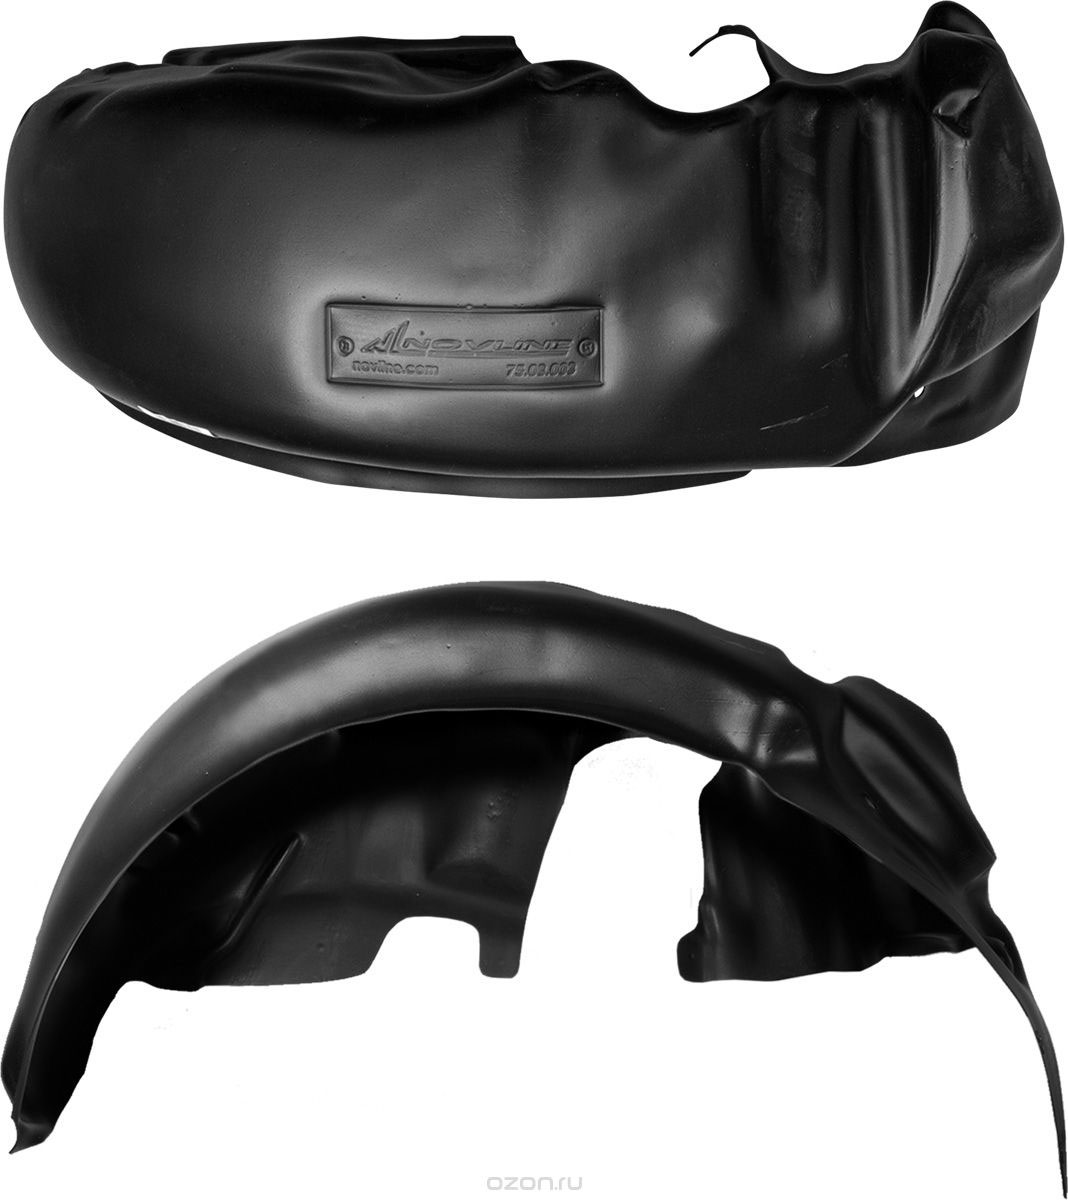 Подкрылок Novline-Autofamily, для CHERY A13, 2010-> сед., задний левыйDW90Идеальная защита колесной ниши. Локеры разработаны с применением цифровых технологий, гарантируют максимальную повторяемость поверхности арки. Изделия устанавливаются без нарушения лакокрасочного покрытия автомобиля, каждый подкрылок комплектуется крепежом. Уважаемые клиенты, обращаем ваше внимание, что фотографии на подкрылки универсальные и не отражают реальную форму изделия. При этом само изделие идет точно под размер указанного автомобиля.